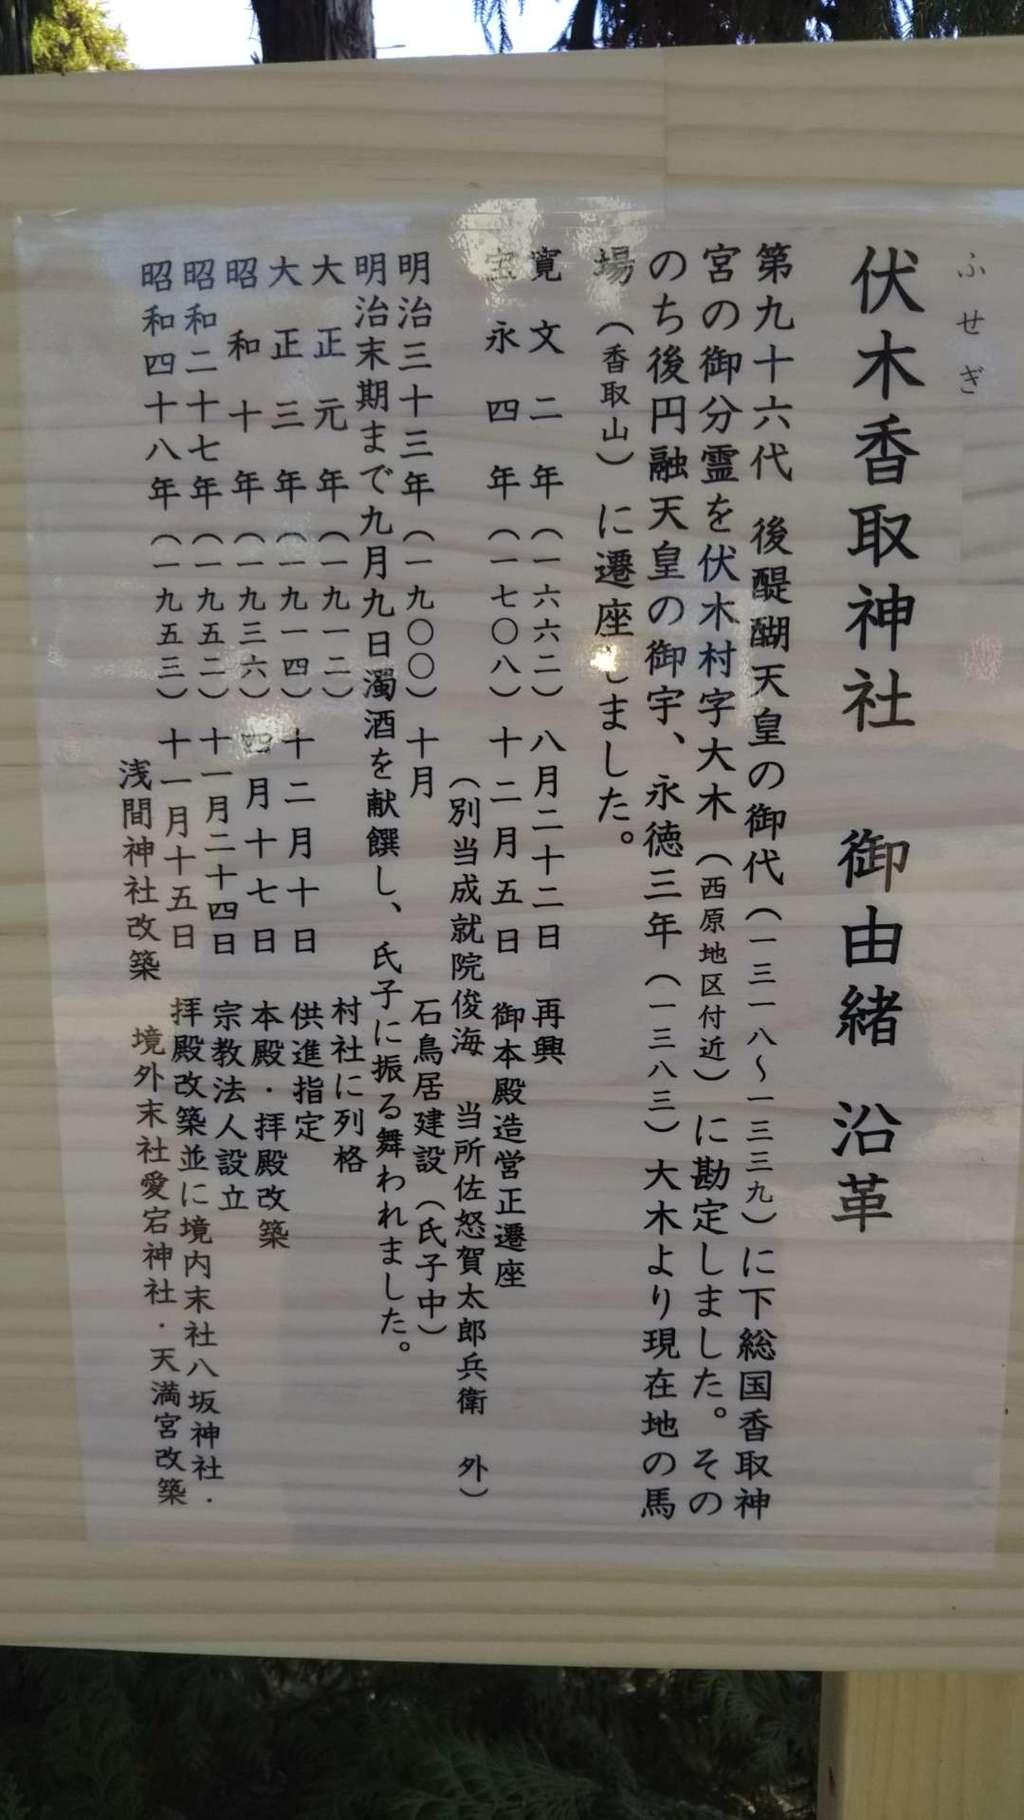 伏木香取神社の歴史